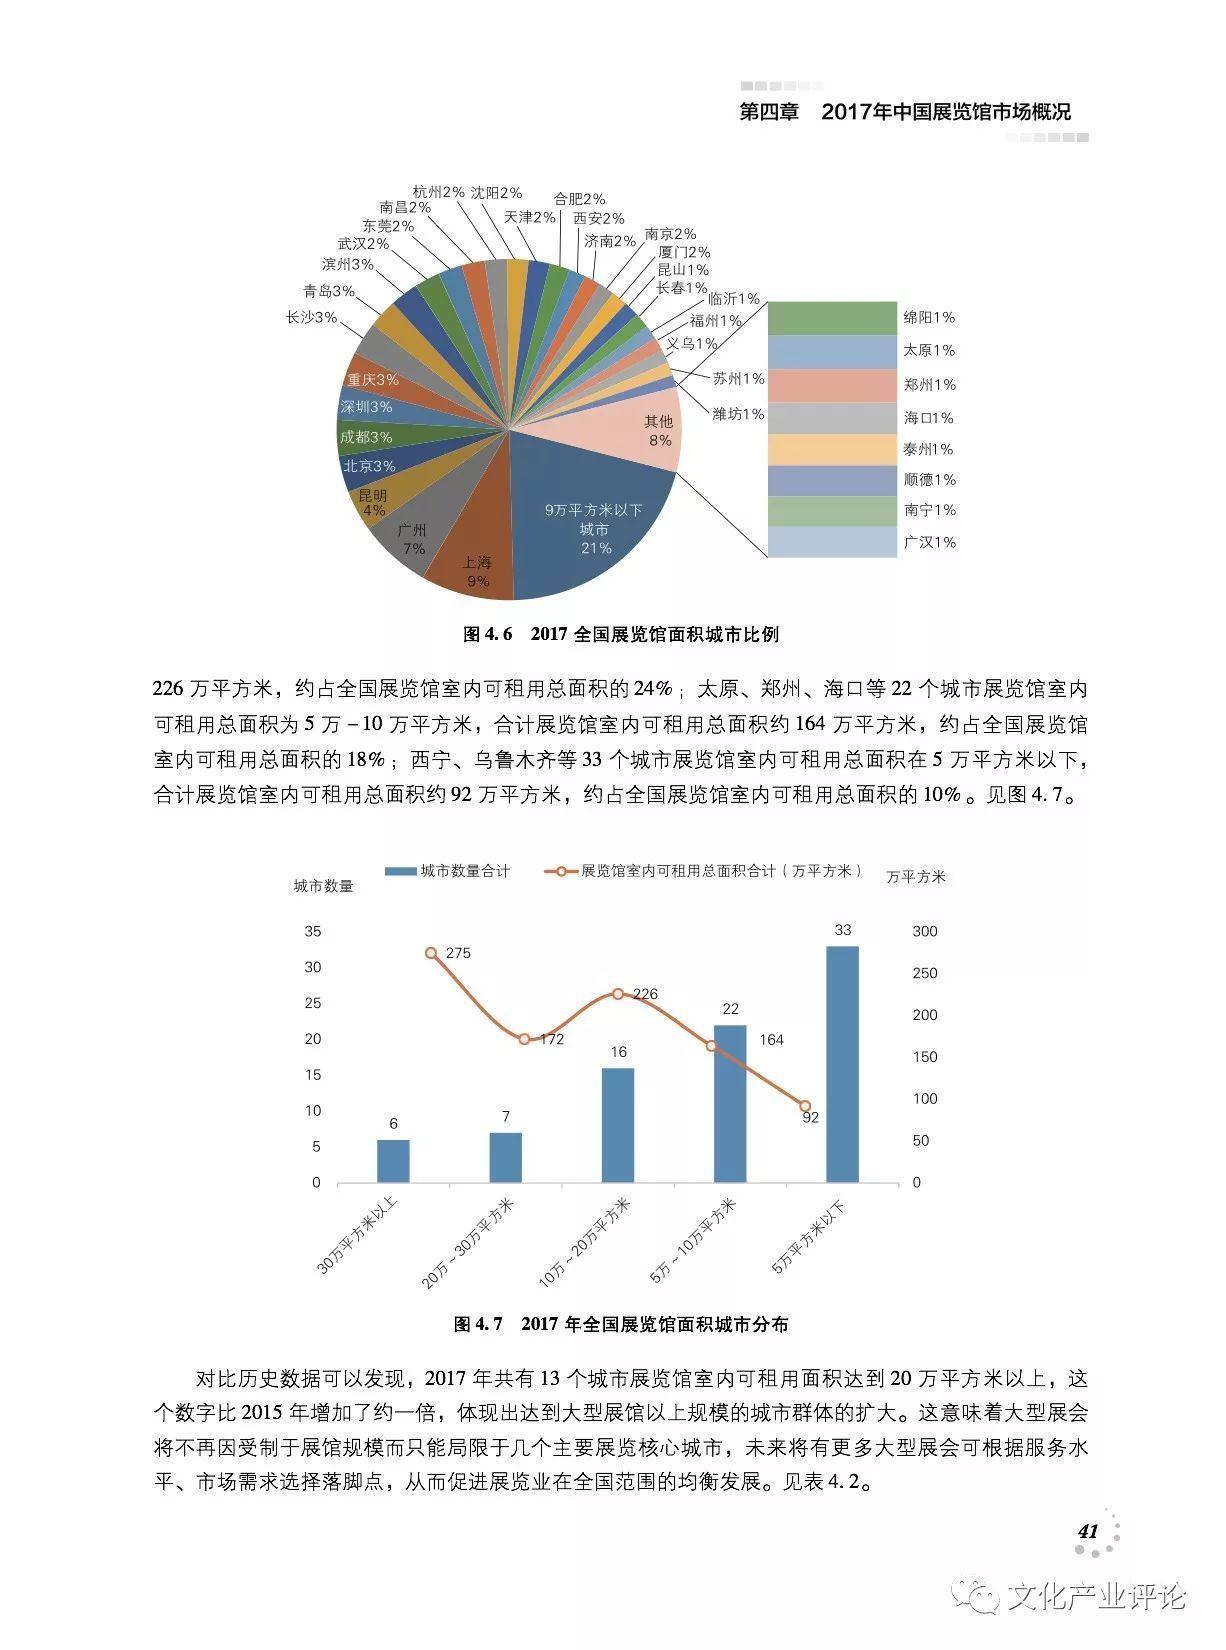 财经 正文  目前我国国内展览业呈现区域分布不均,小规模展览占比下降